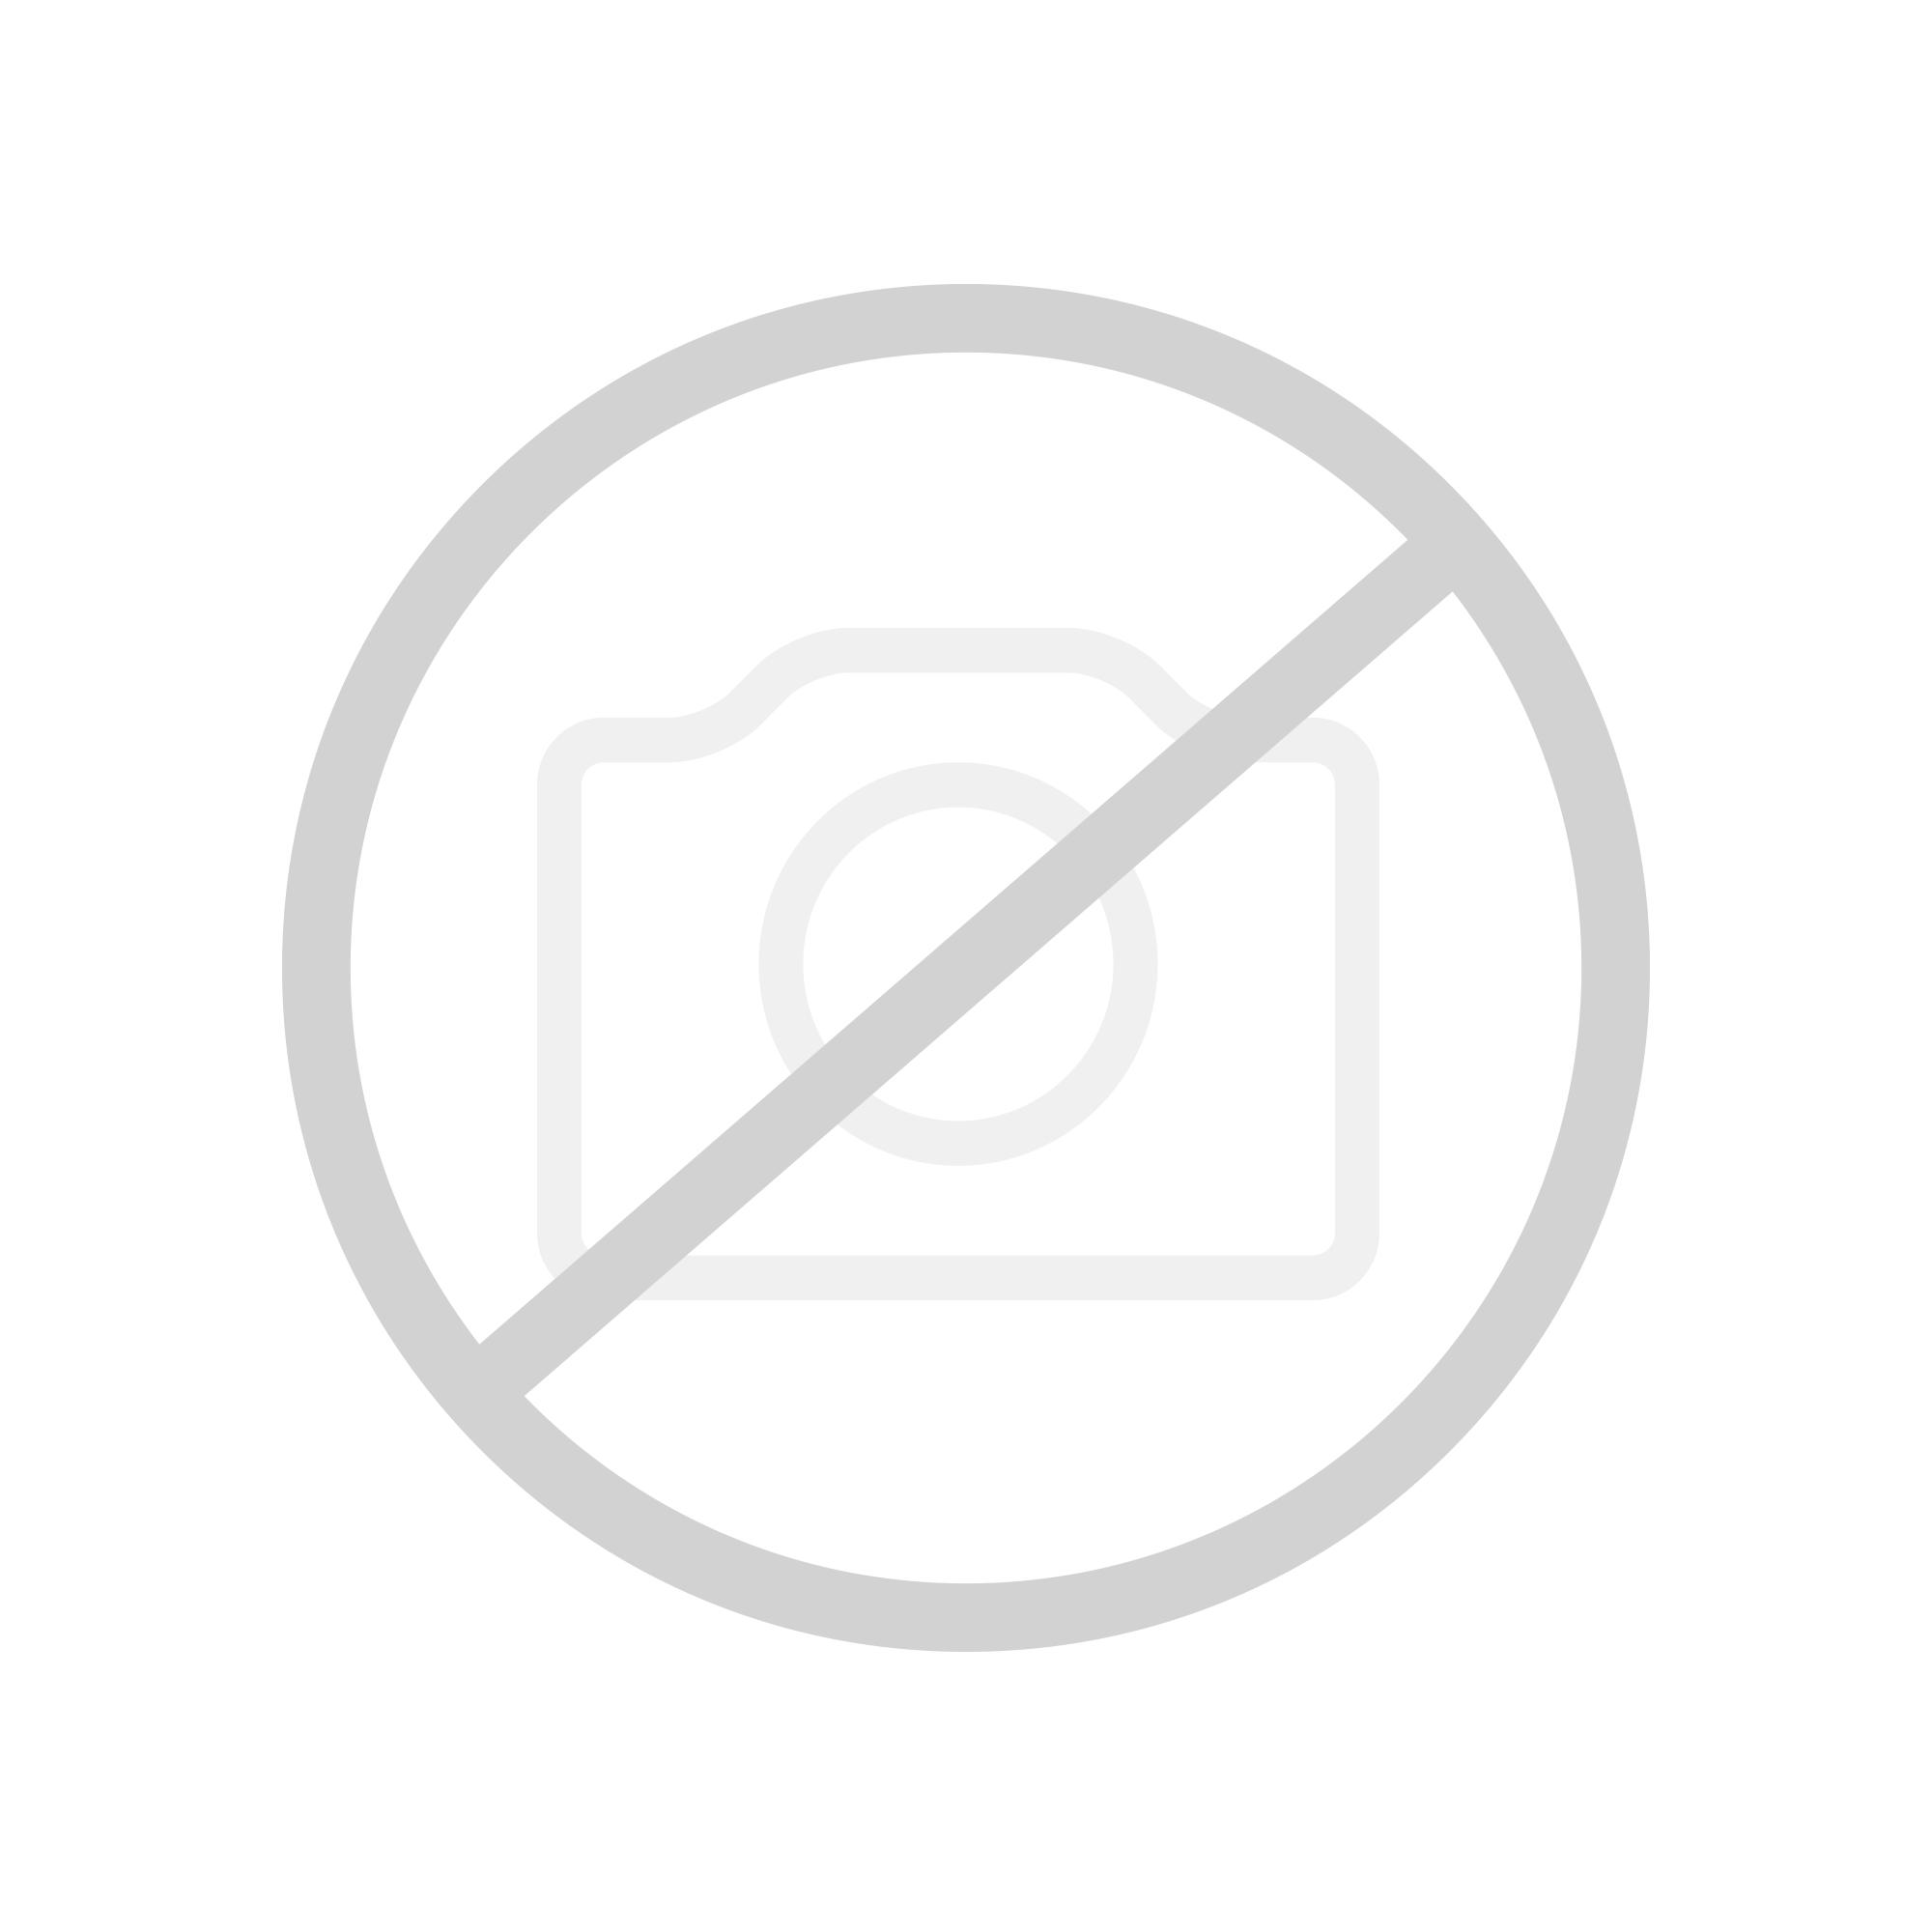 Geberit Duofix Bausatz für Fußbefestigung zur Rückwand